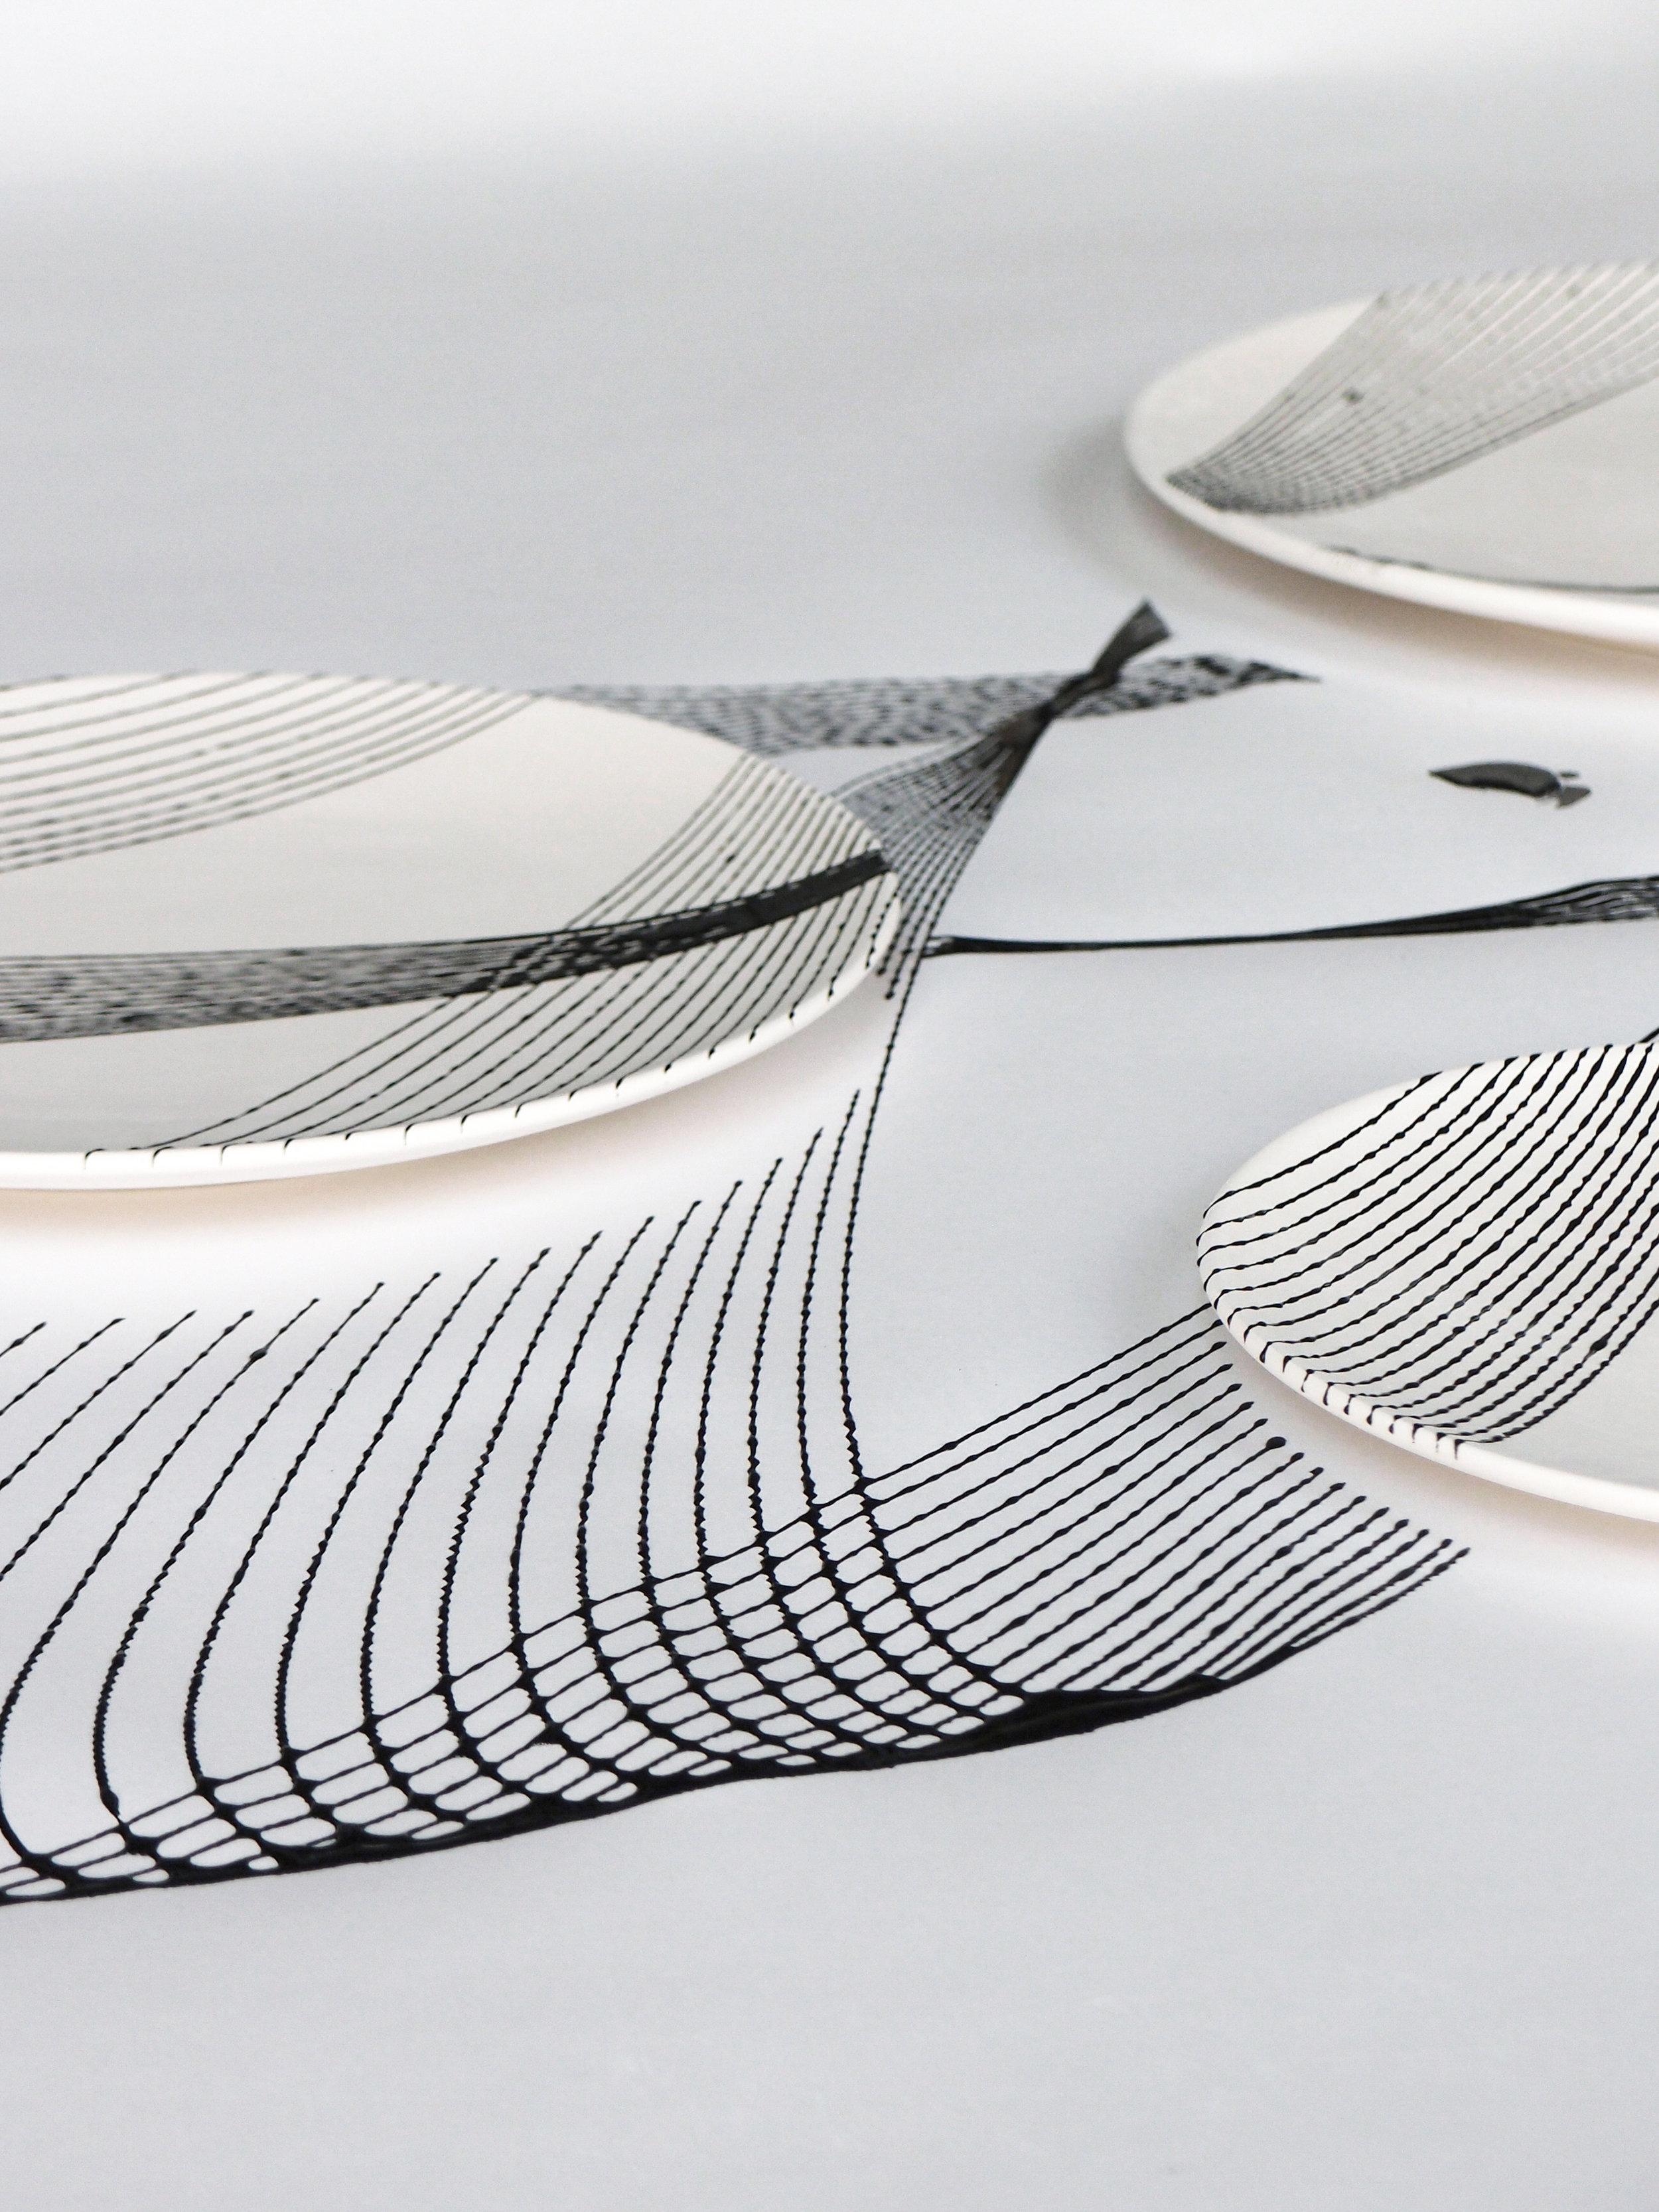 Oscillation plates-side view 01-David Derksen Design.jpg